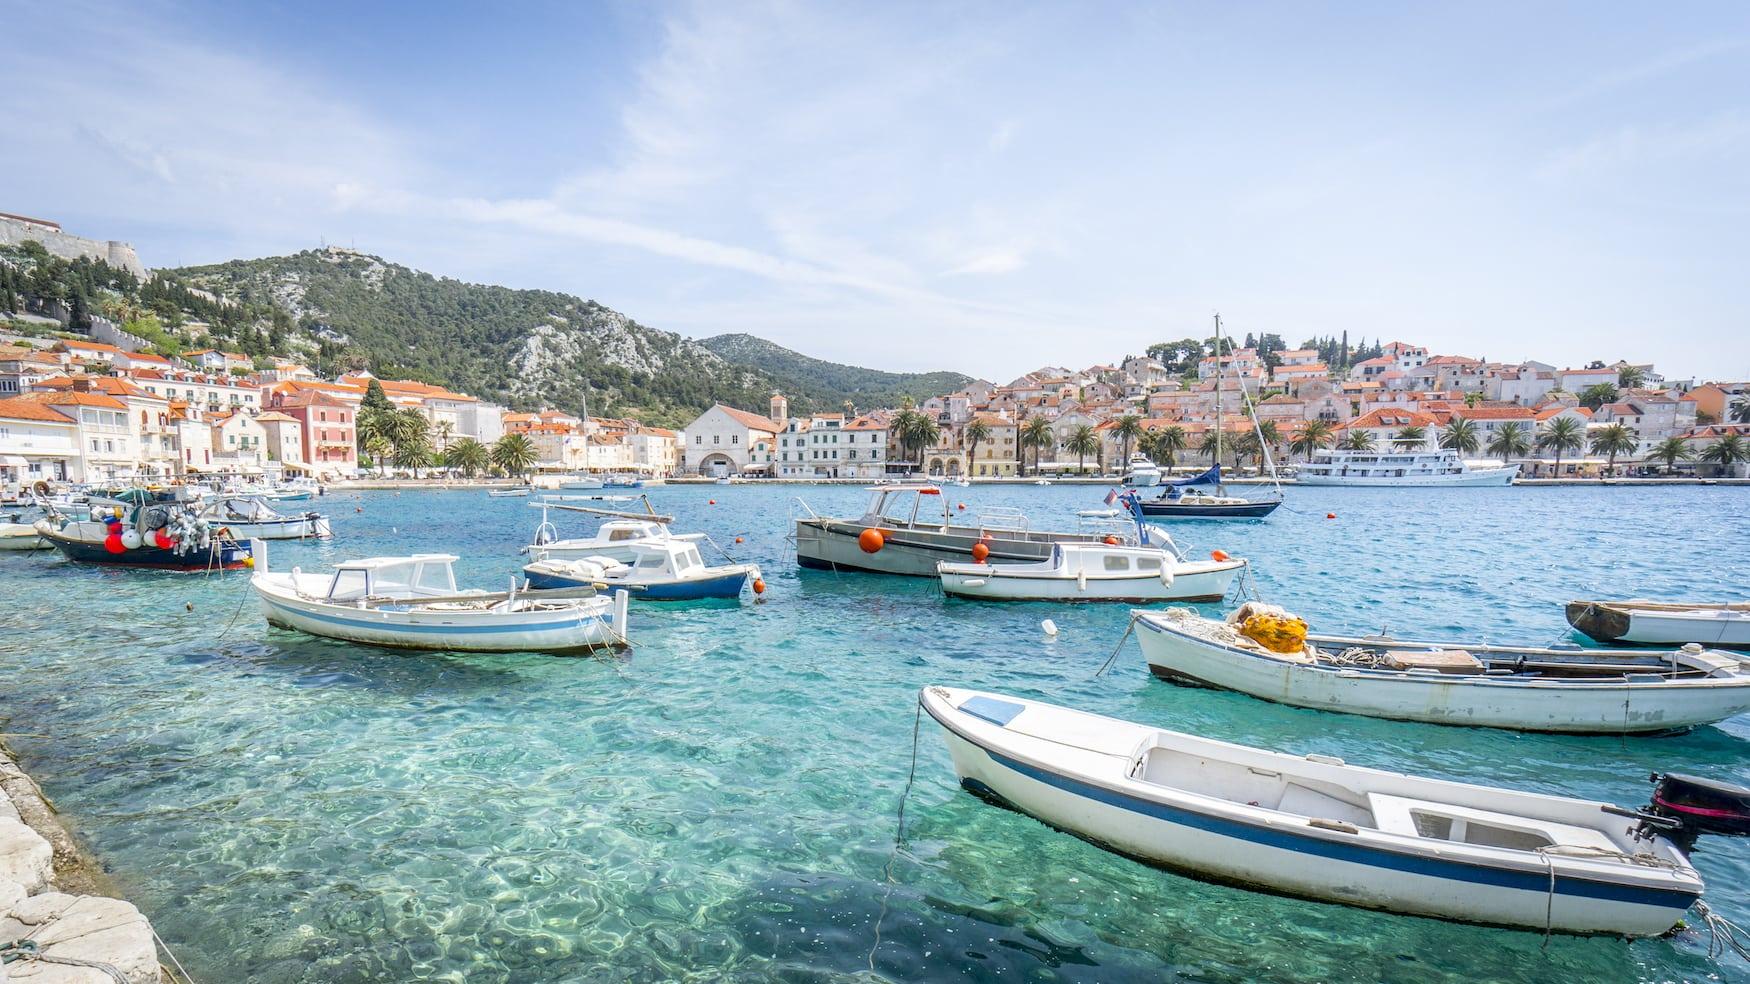 Hafen in Hvar, Kroatien